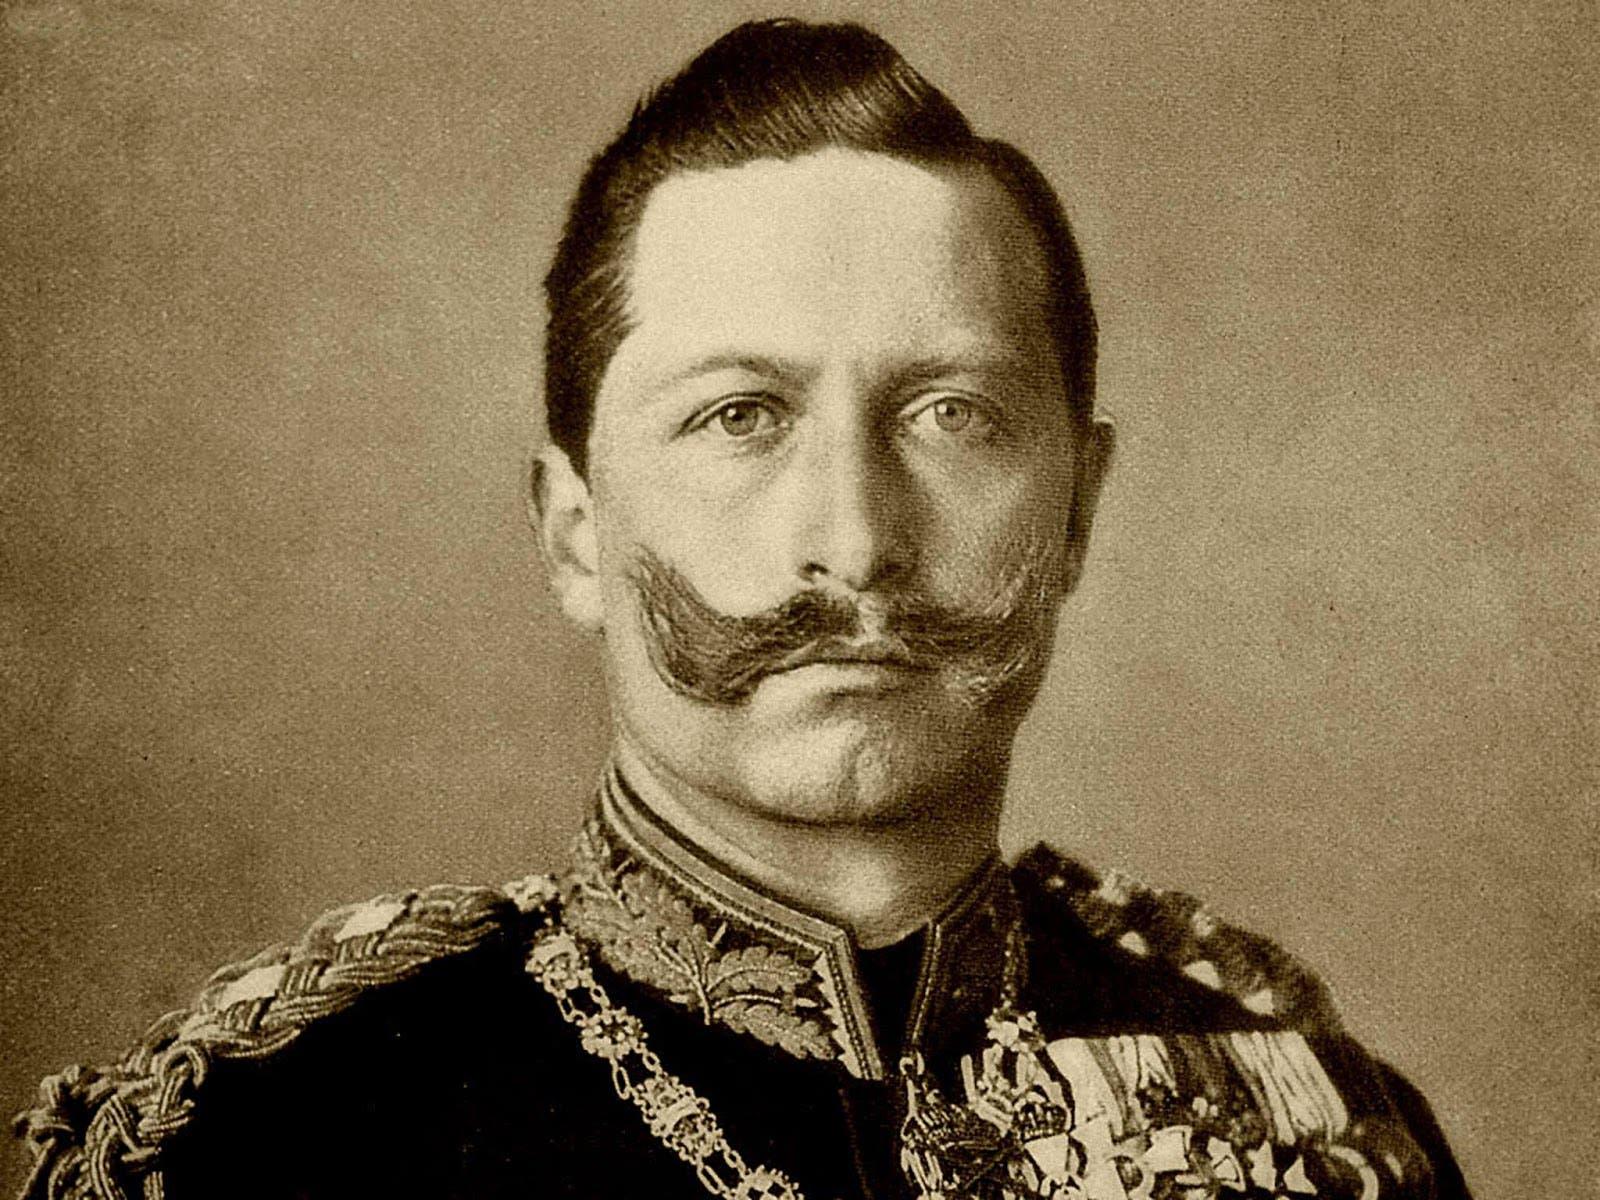 القيصر الألماني فيلهلم الثاني